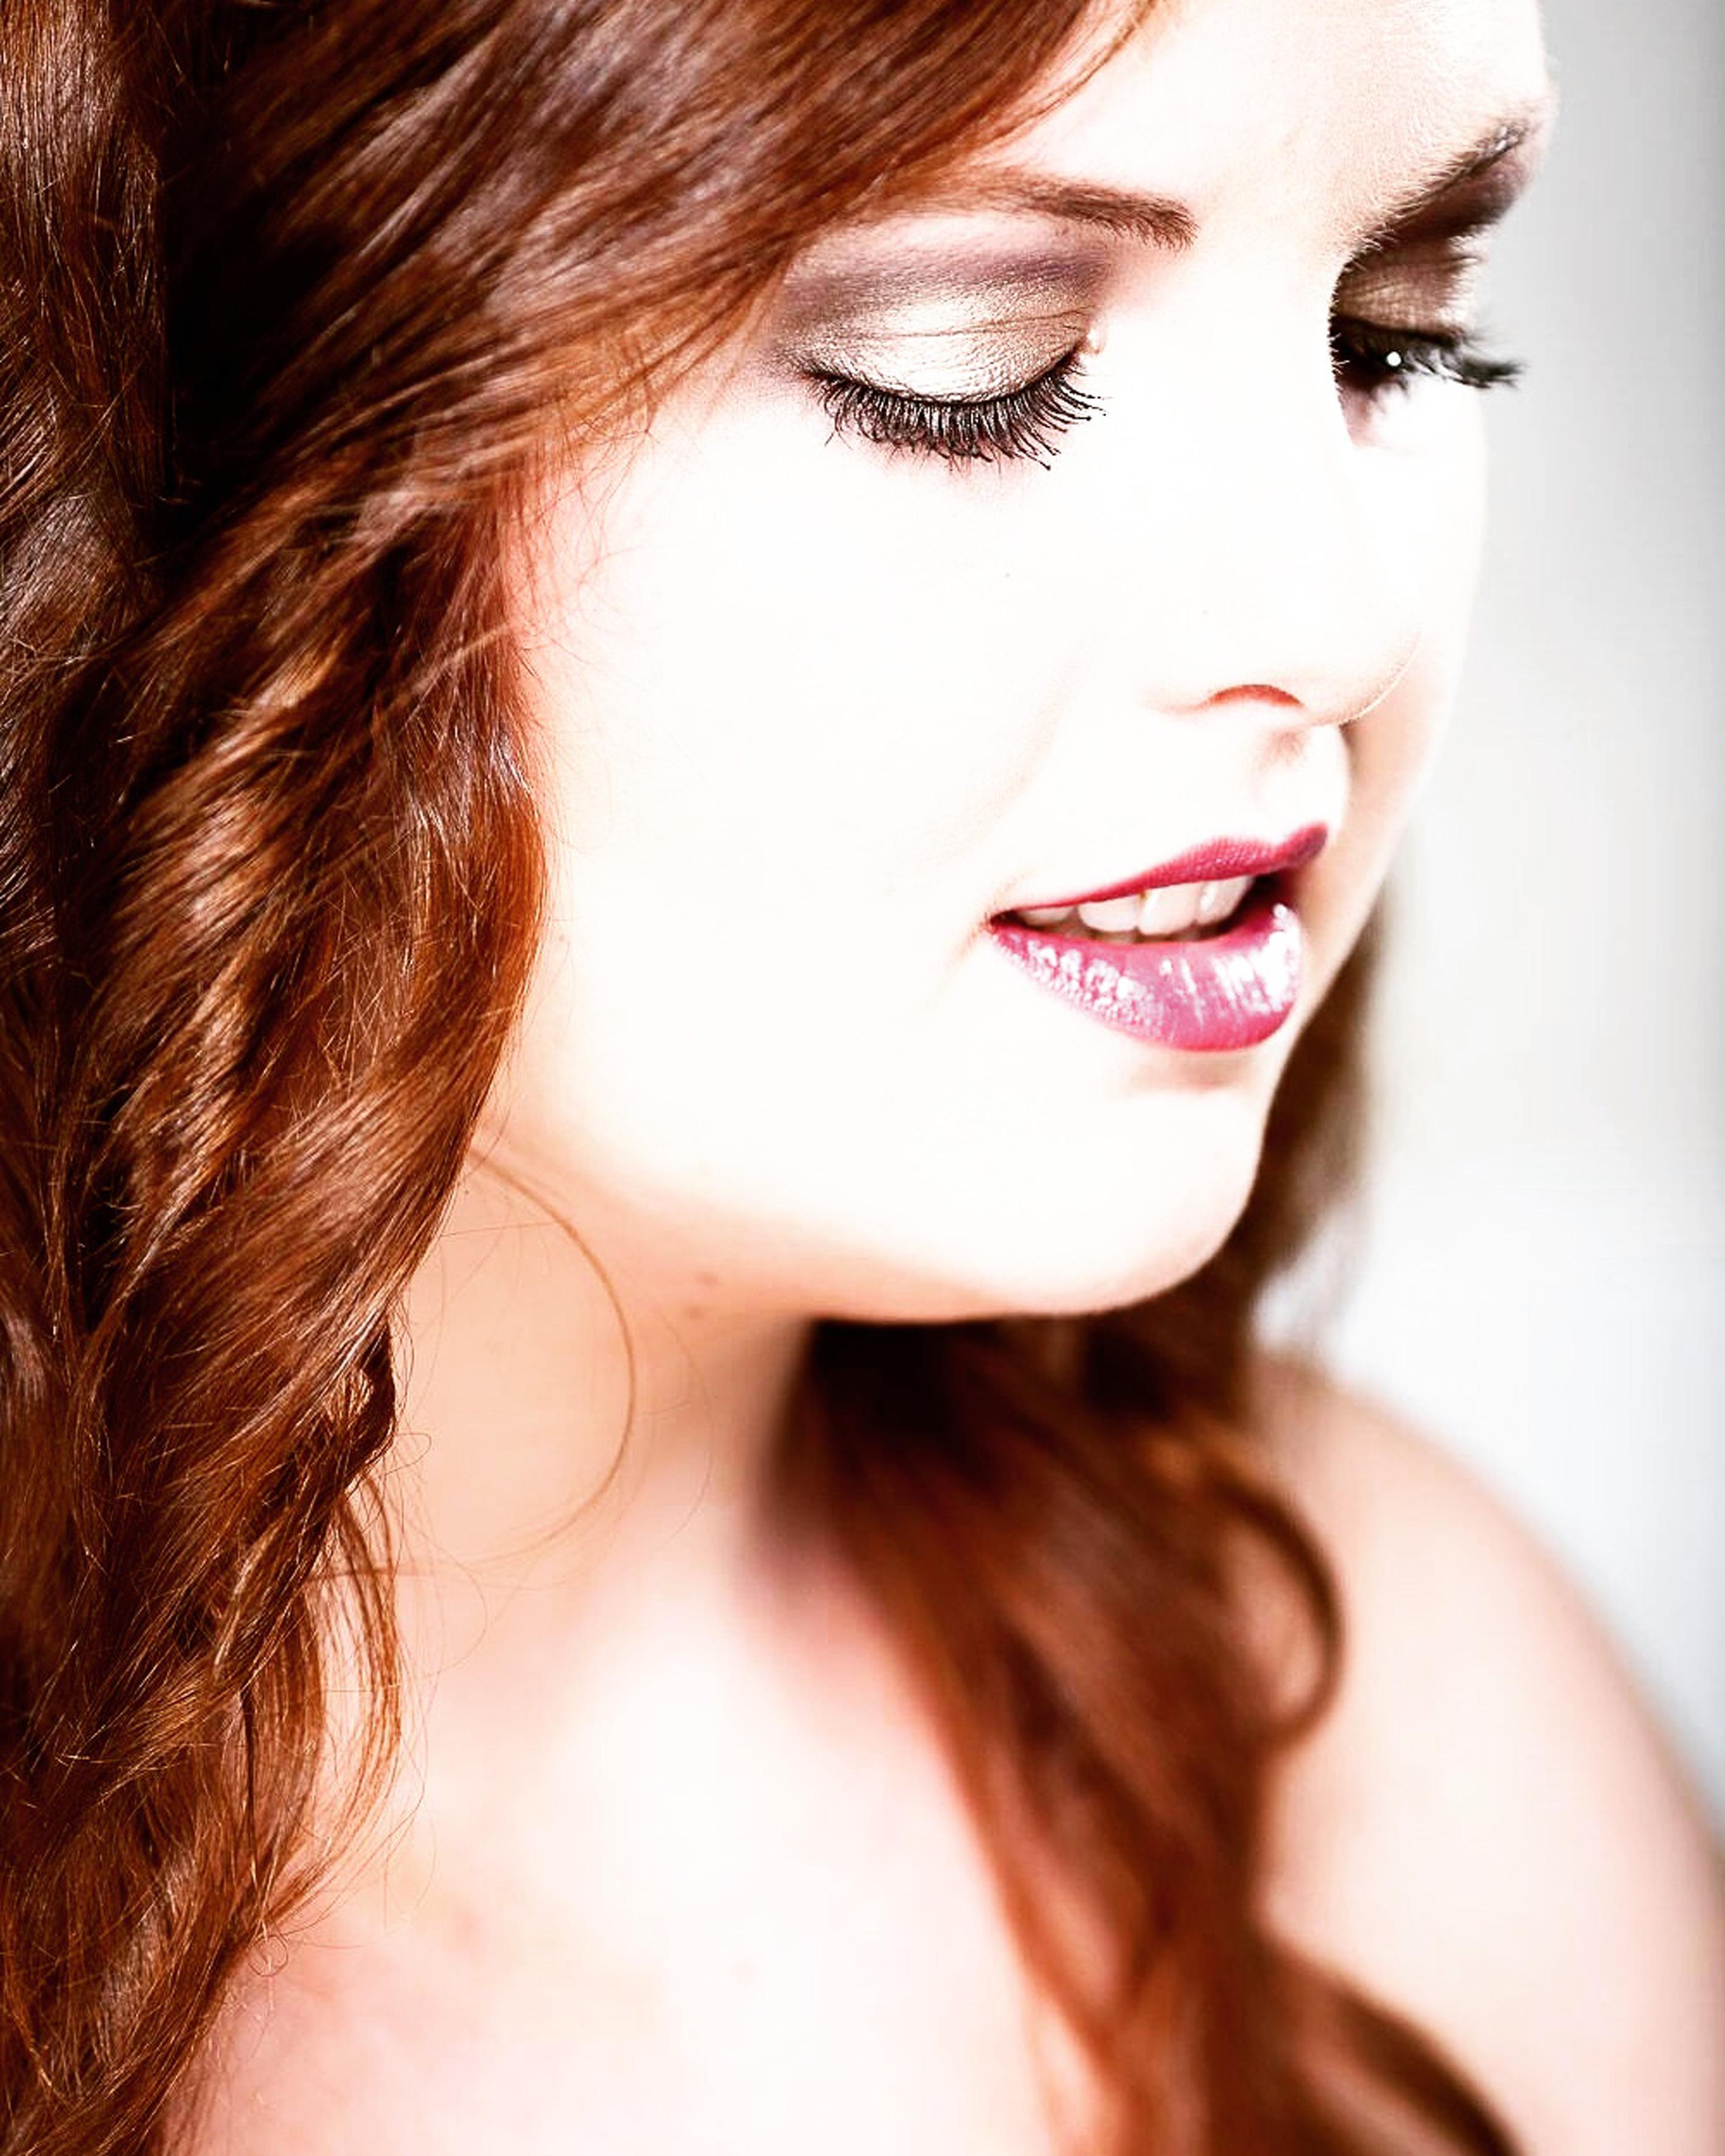 La modelo Mari Paz Muñoz en una sesión de maquillaje. EFE